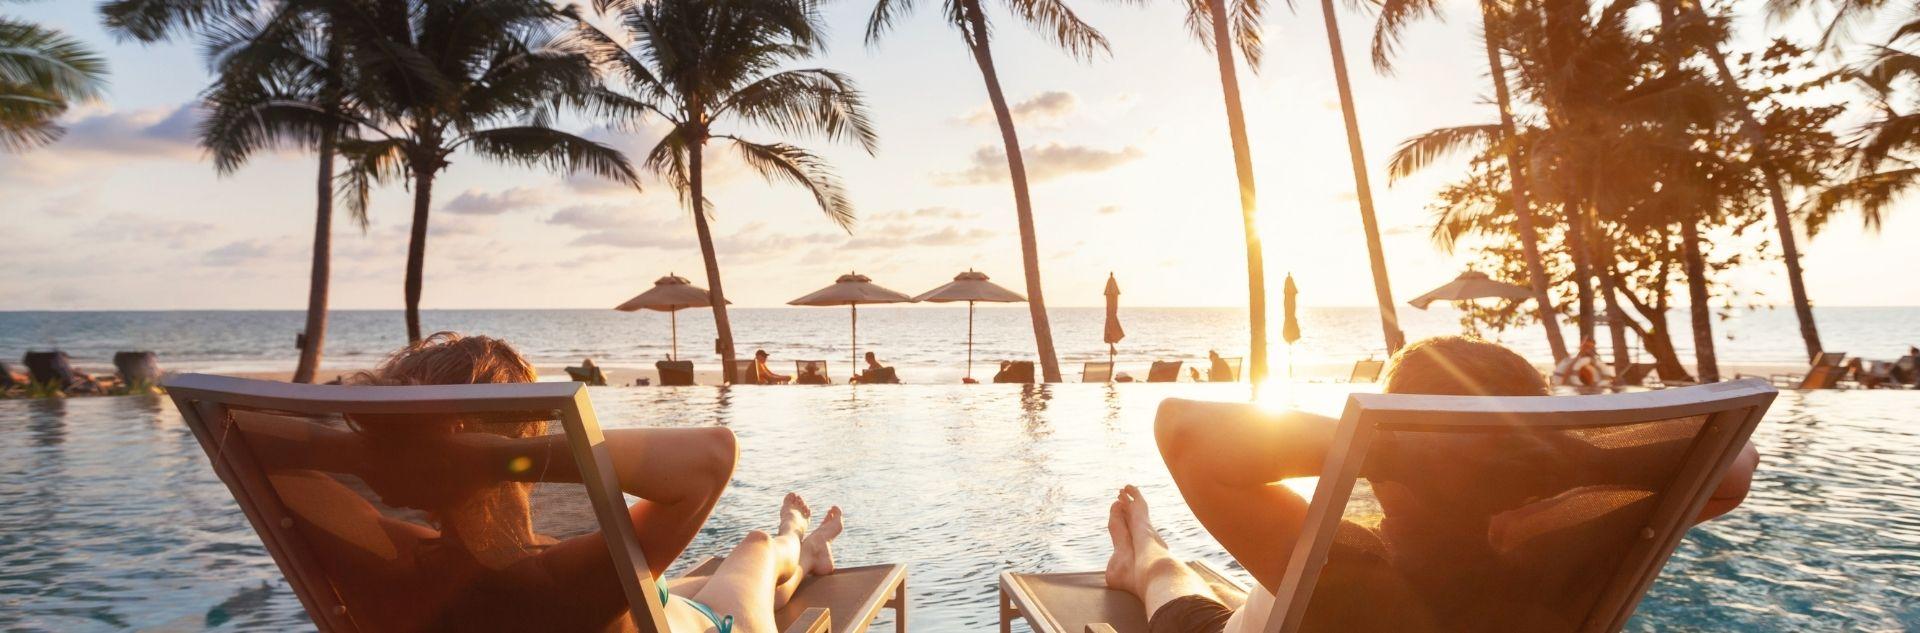 Urlaub buchen ohne Risiko - Flex-Tarife entdecken